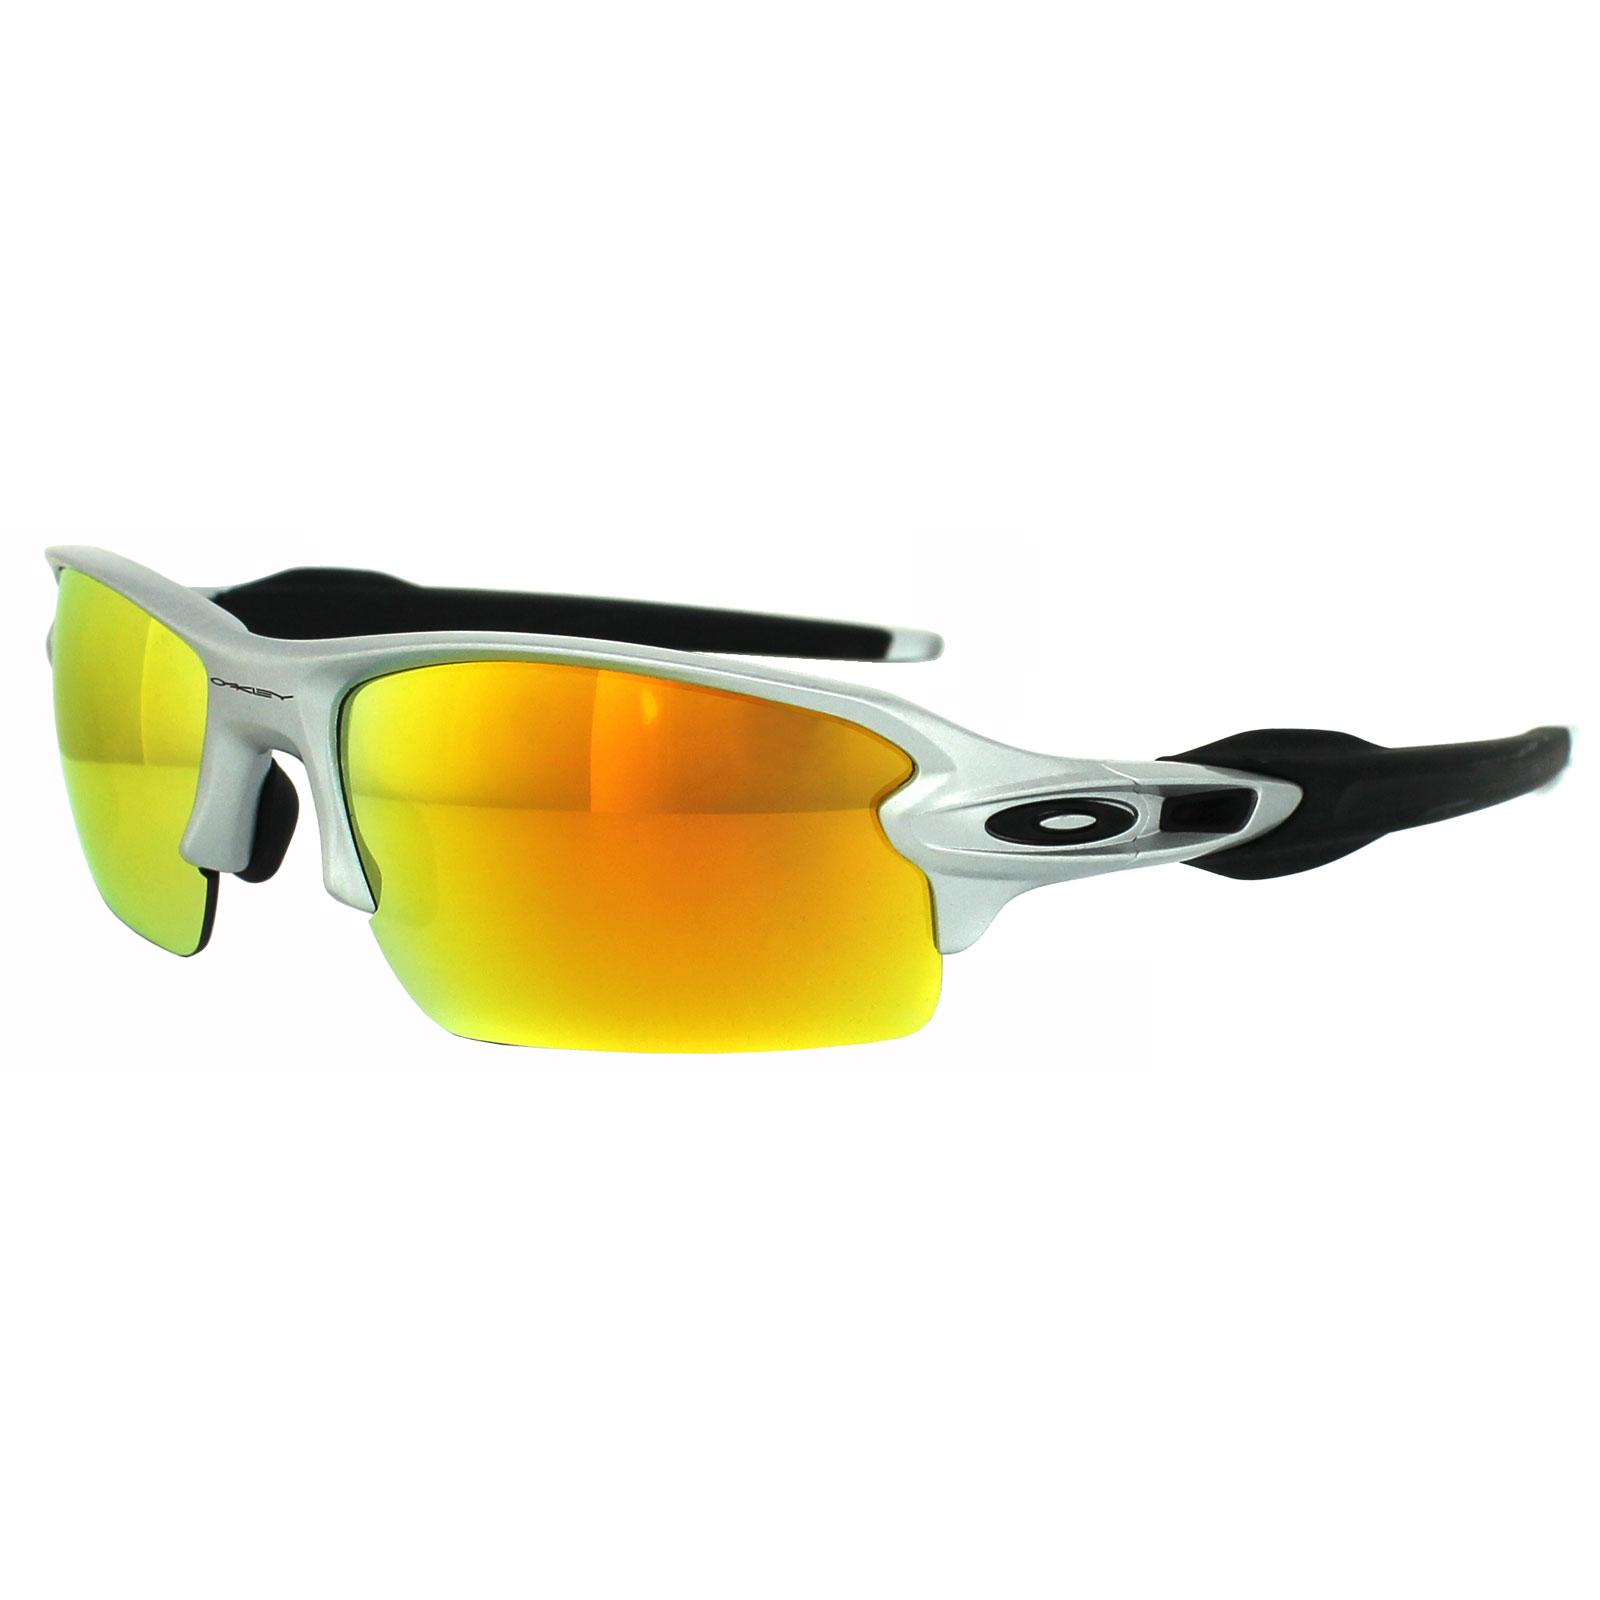 Oakley Sonnenbrille Flak 2, OO9295-05